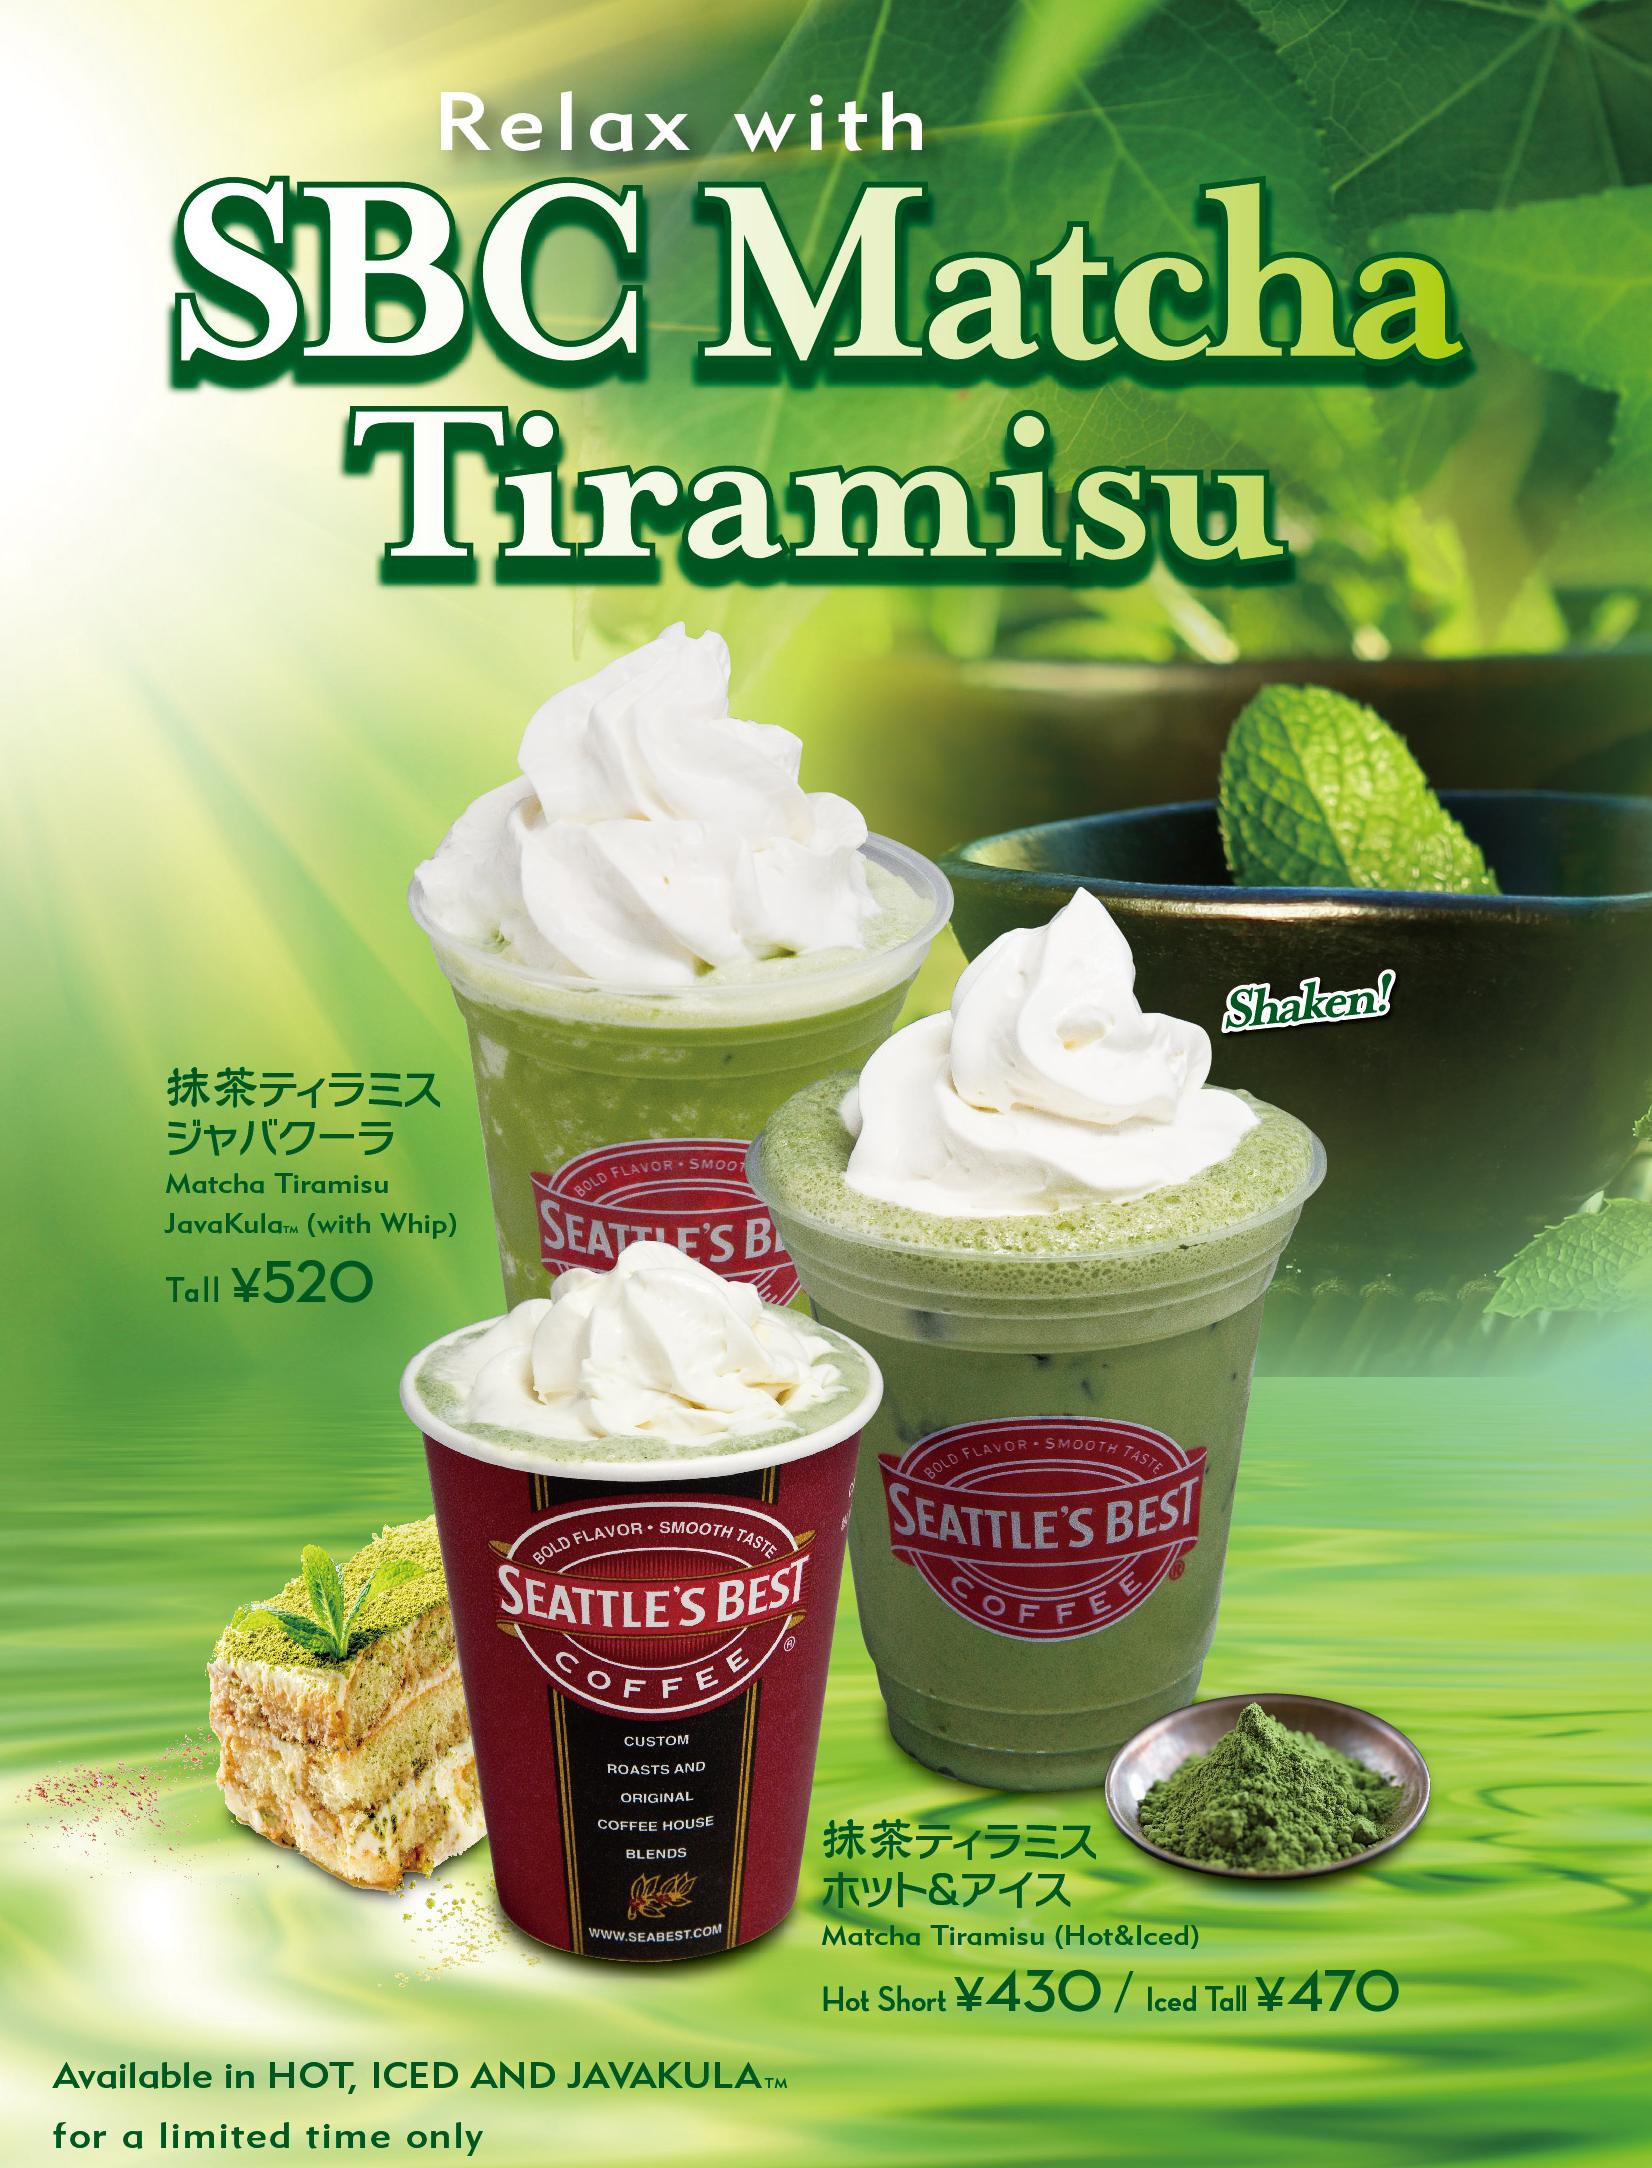 http://www.ekimachi1.com/meinohama/%E3%83%97%E3%83%AD%E3%83%A2.jpg